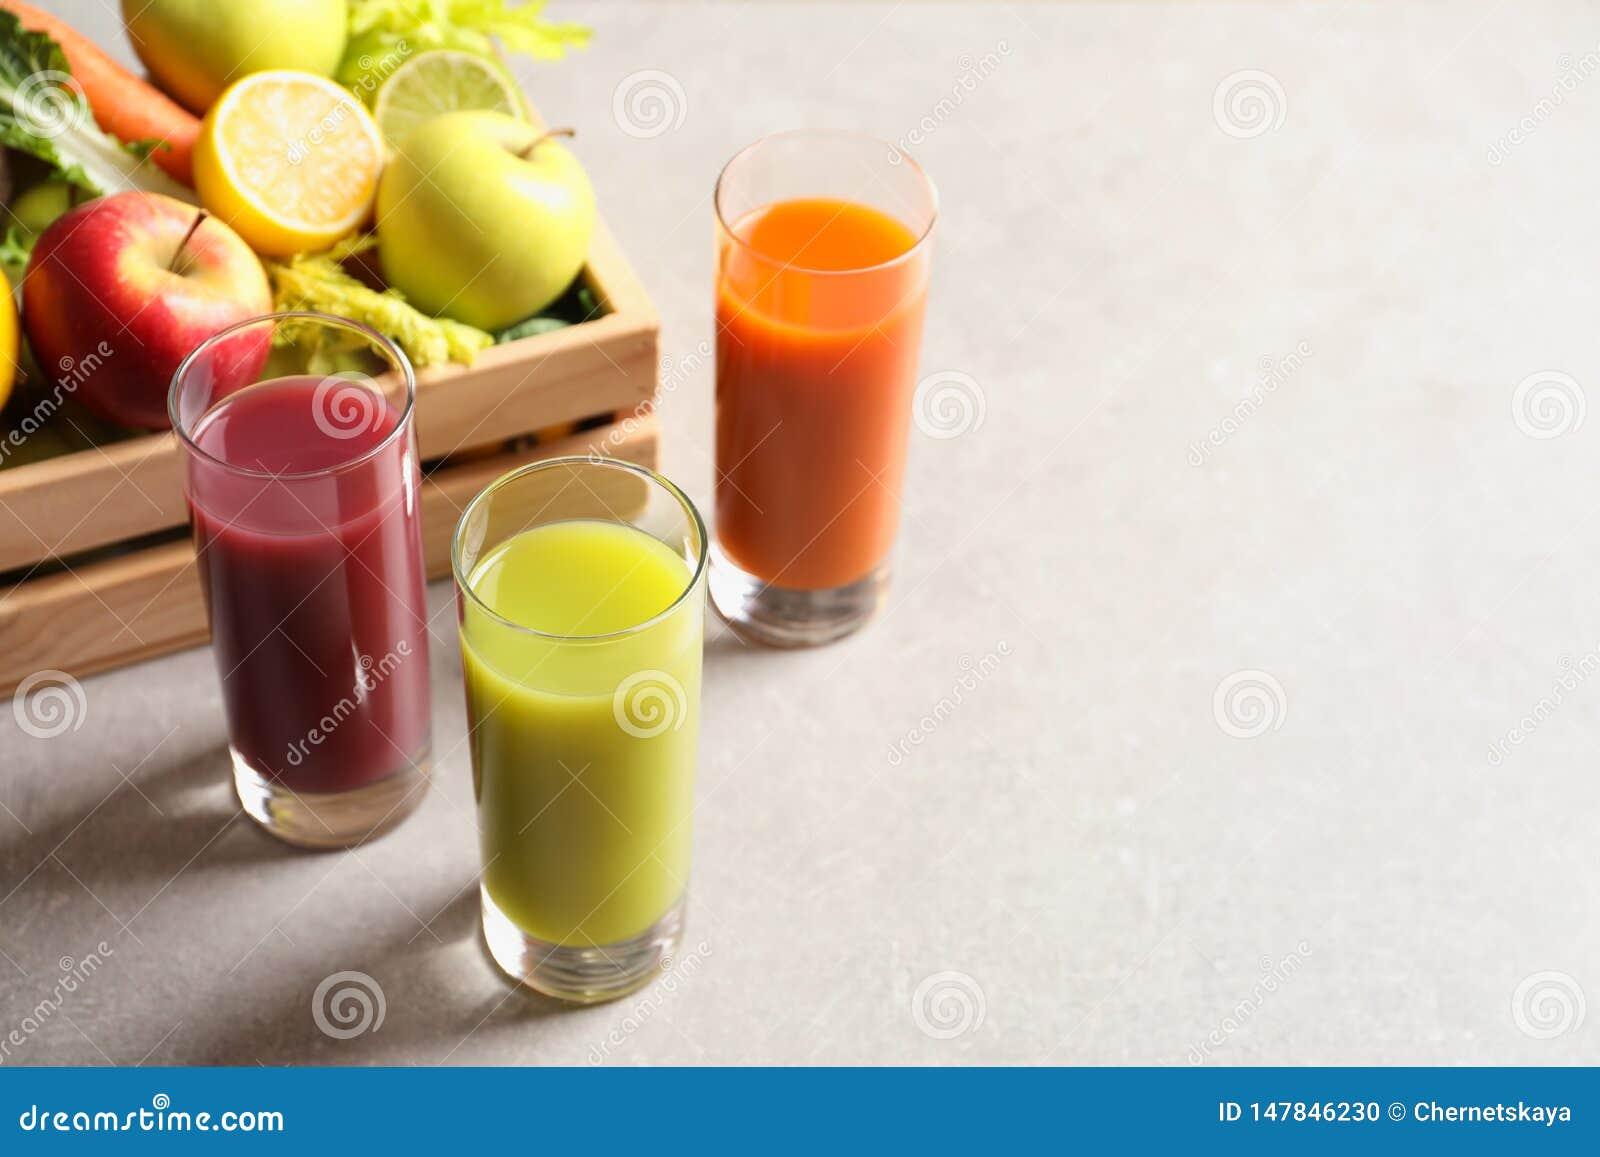 Ποτήρια των διαφορετικών χυμών και του ξύλινου κλουβιού με τα φρέσκα συστατικά στον πίνακα